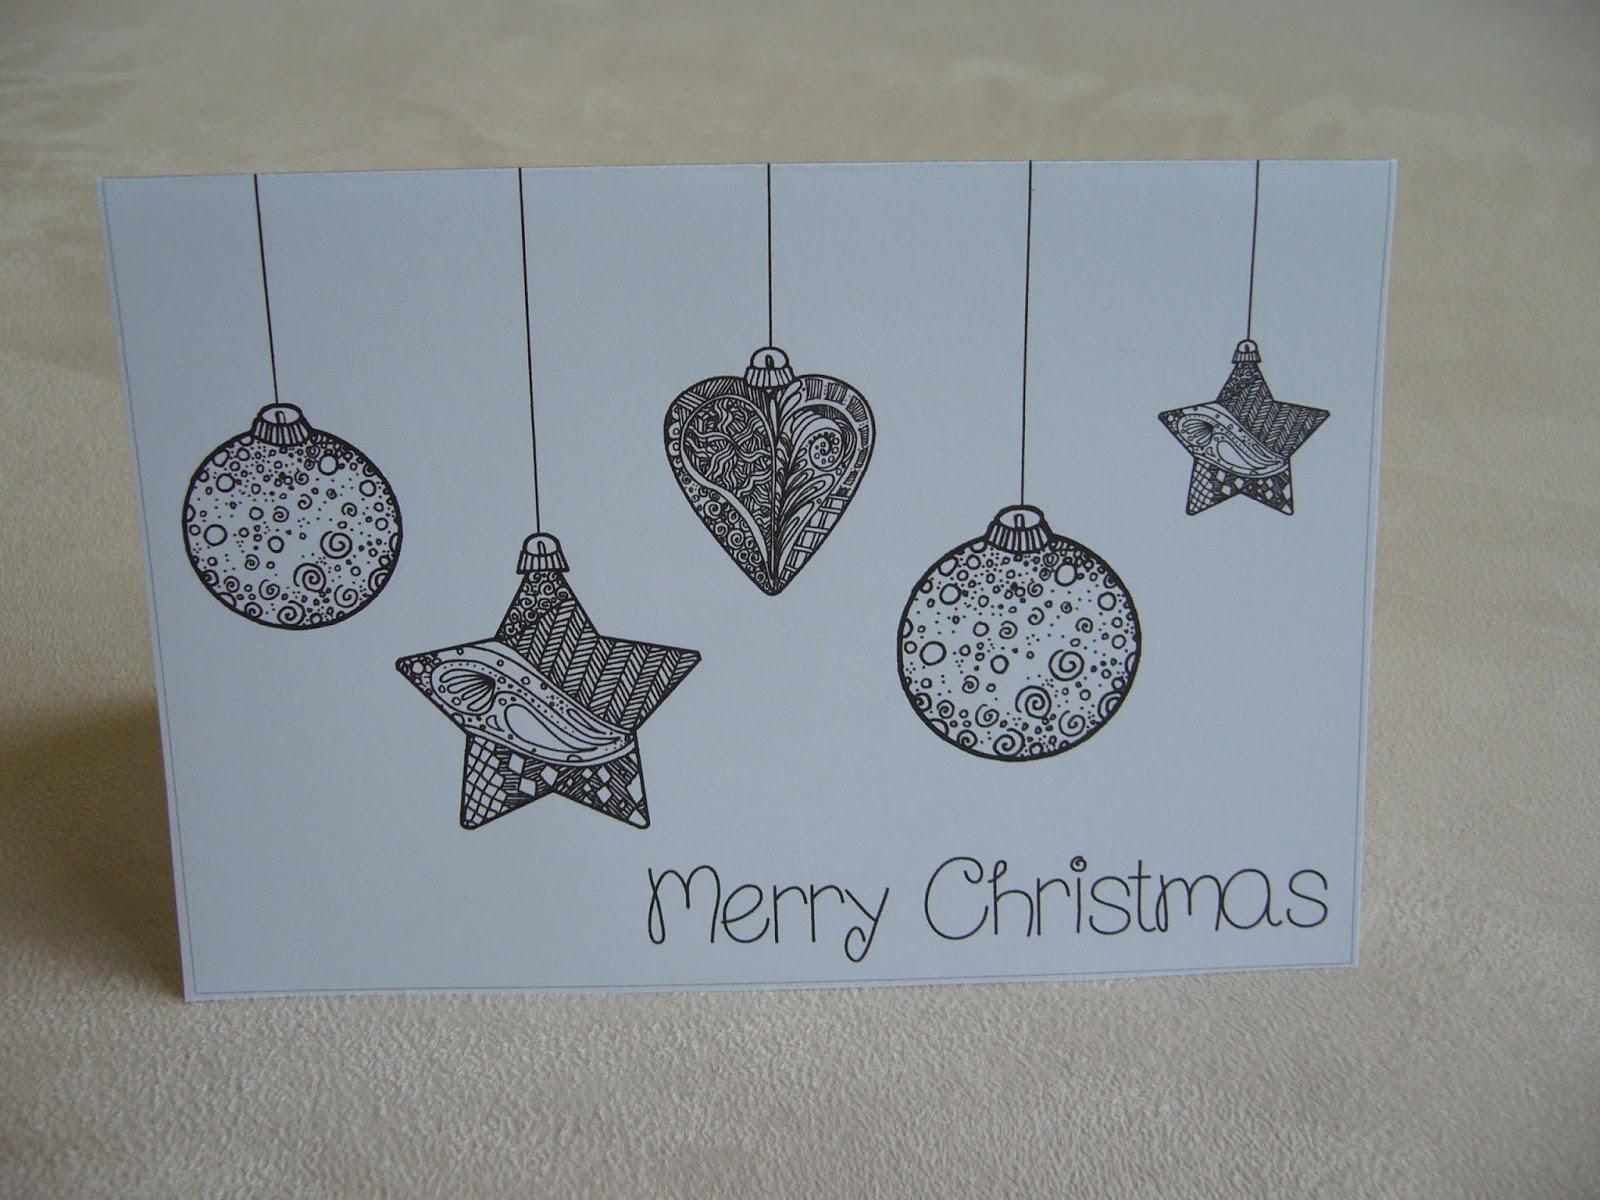 Ideenreise schnelle weihnachtskarten - Weihnachtskarte englisch ...